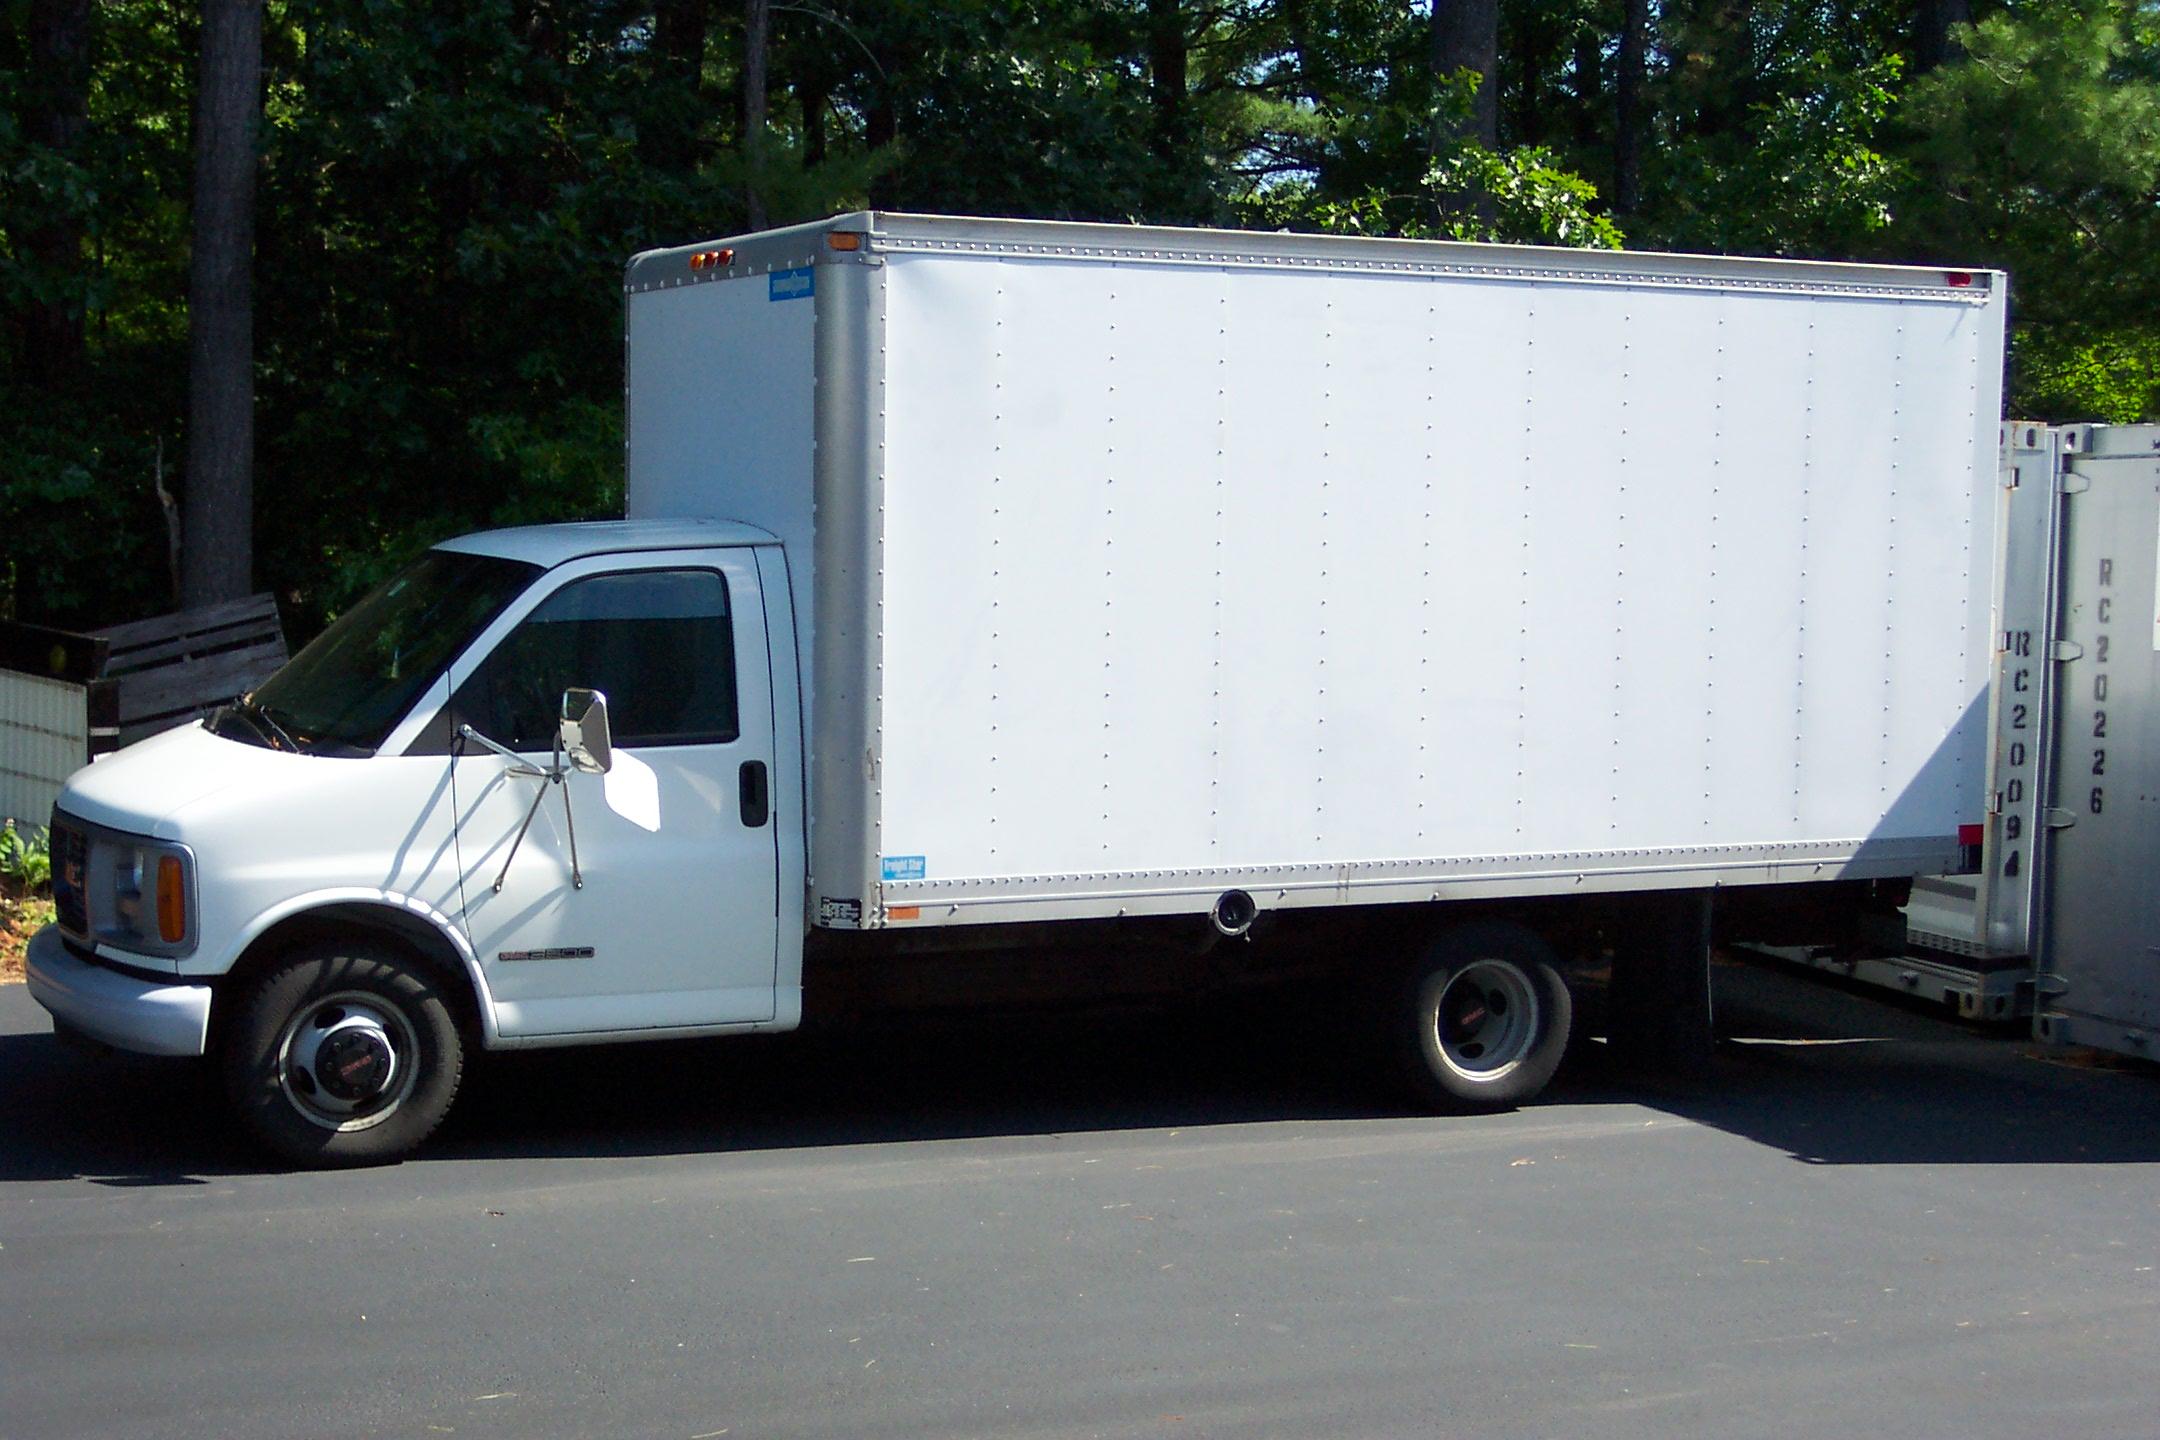 2000-gmc-box-truck-001.jpg